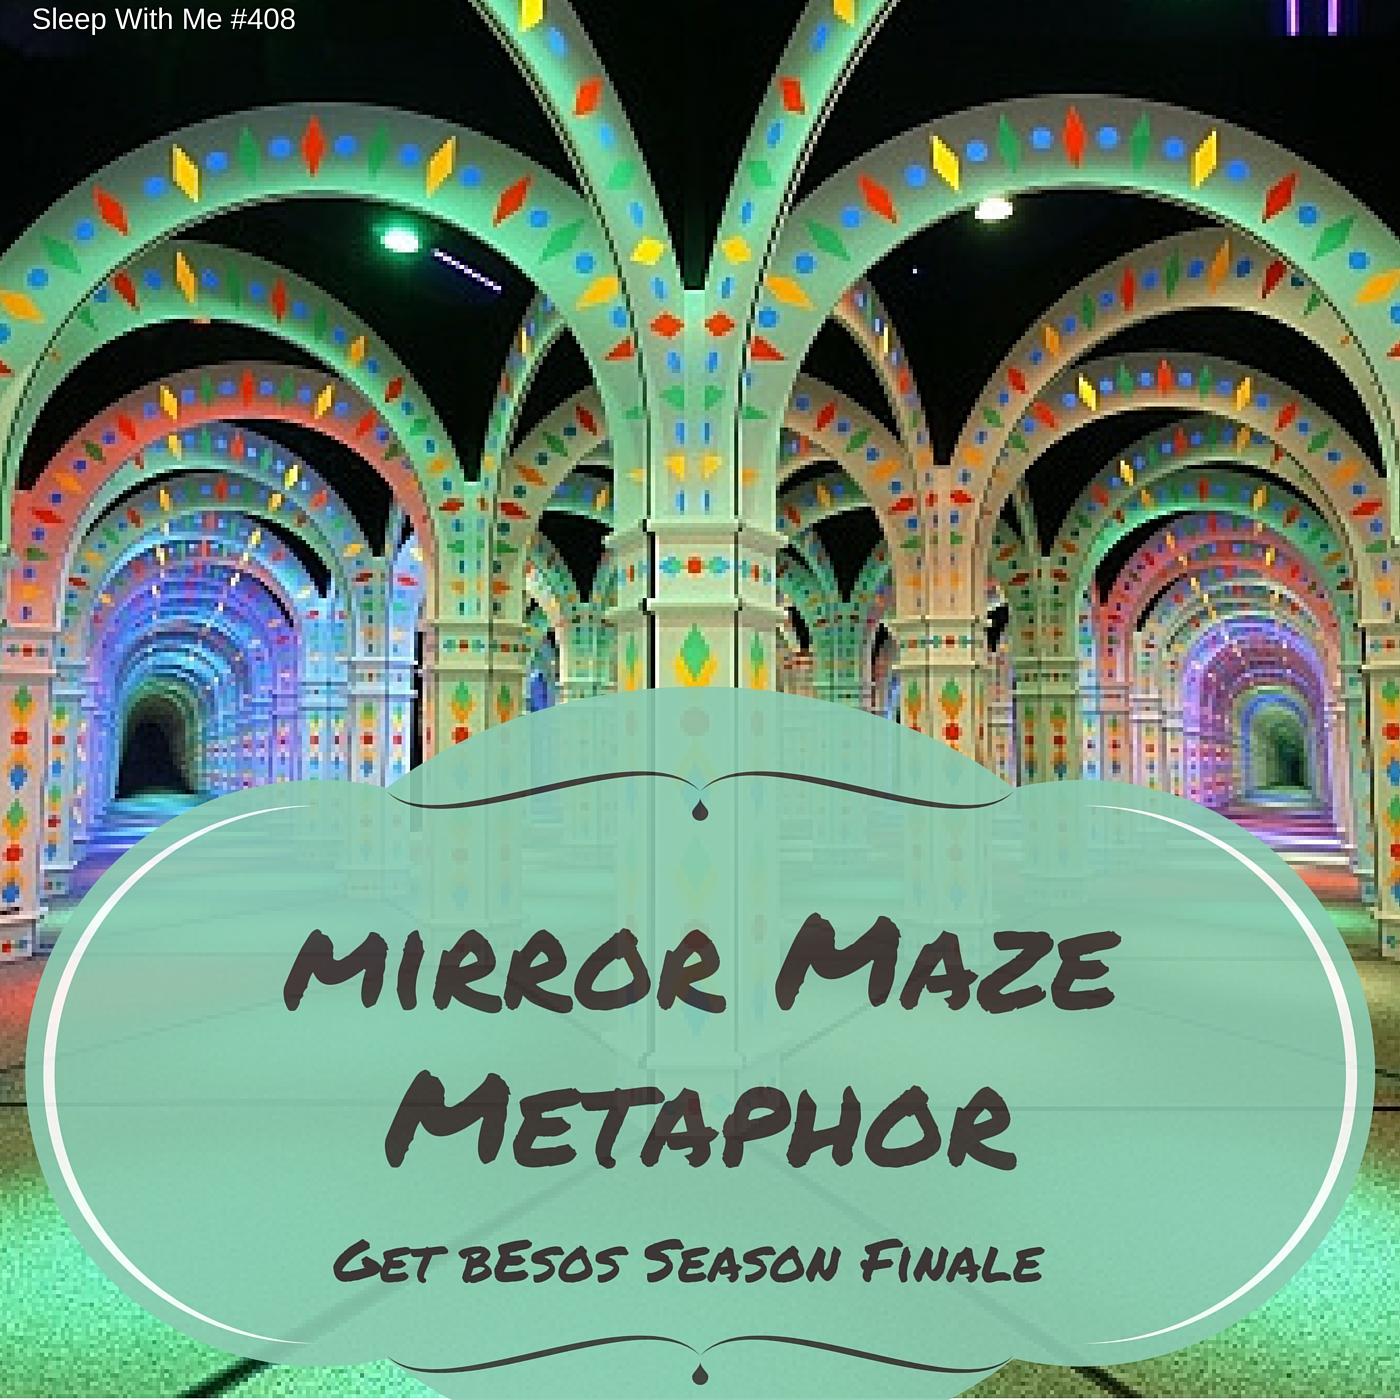 Mirror Maze Metaphor | Get Besos Season Finale | Sleep With Me #408